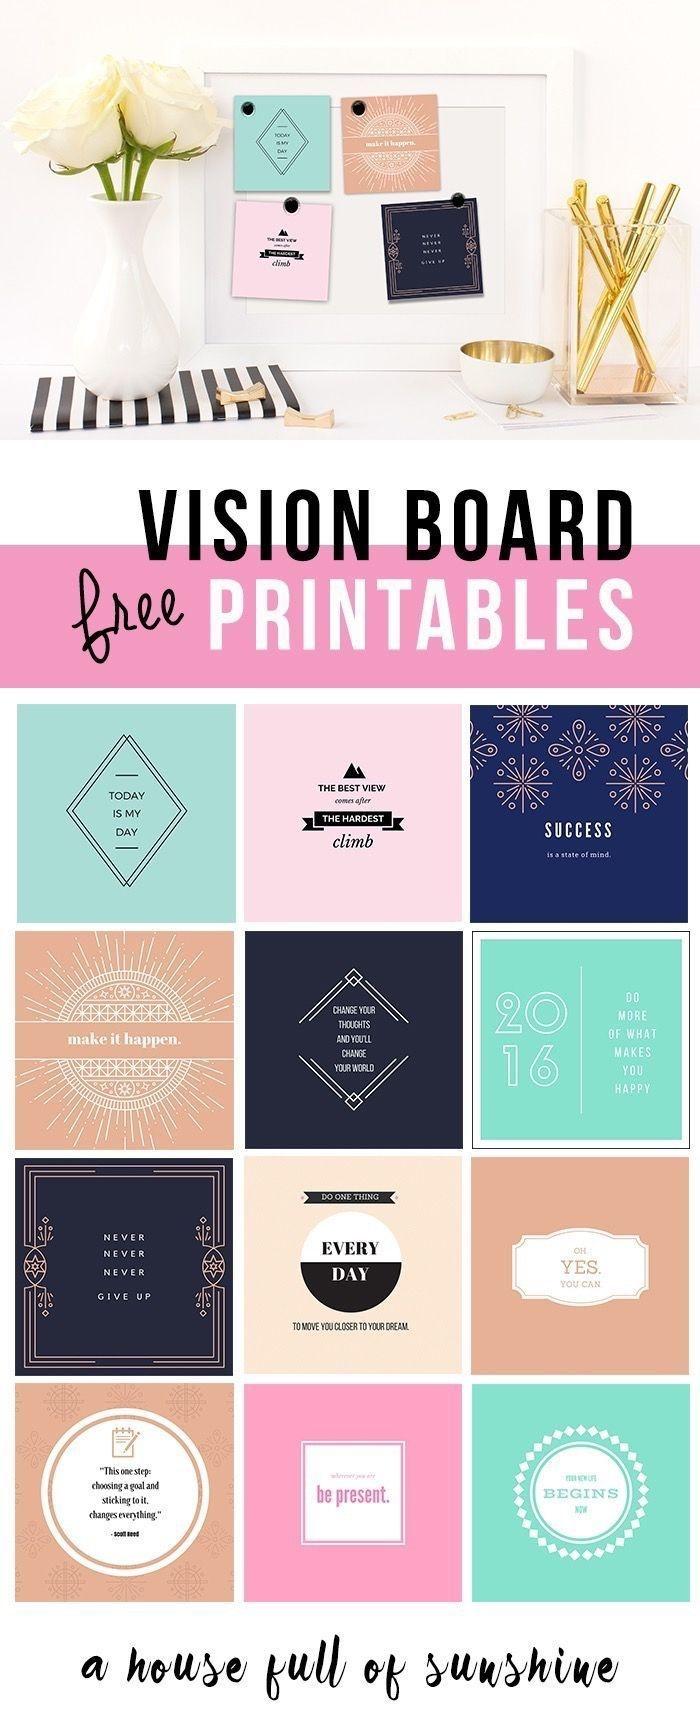 Frases Imprimibles Para El Vision Board - Diseños Para Imprimir Para - Free Weight Loss Vision Board Printables